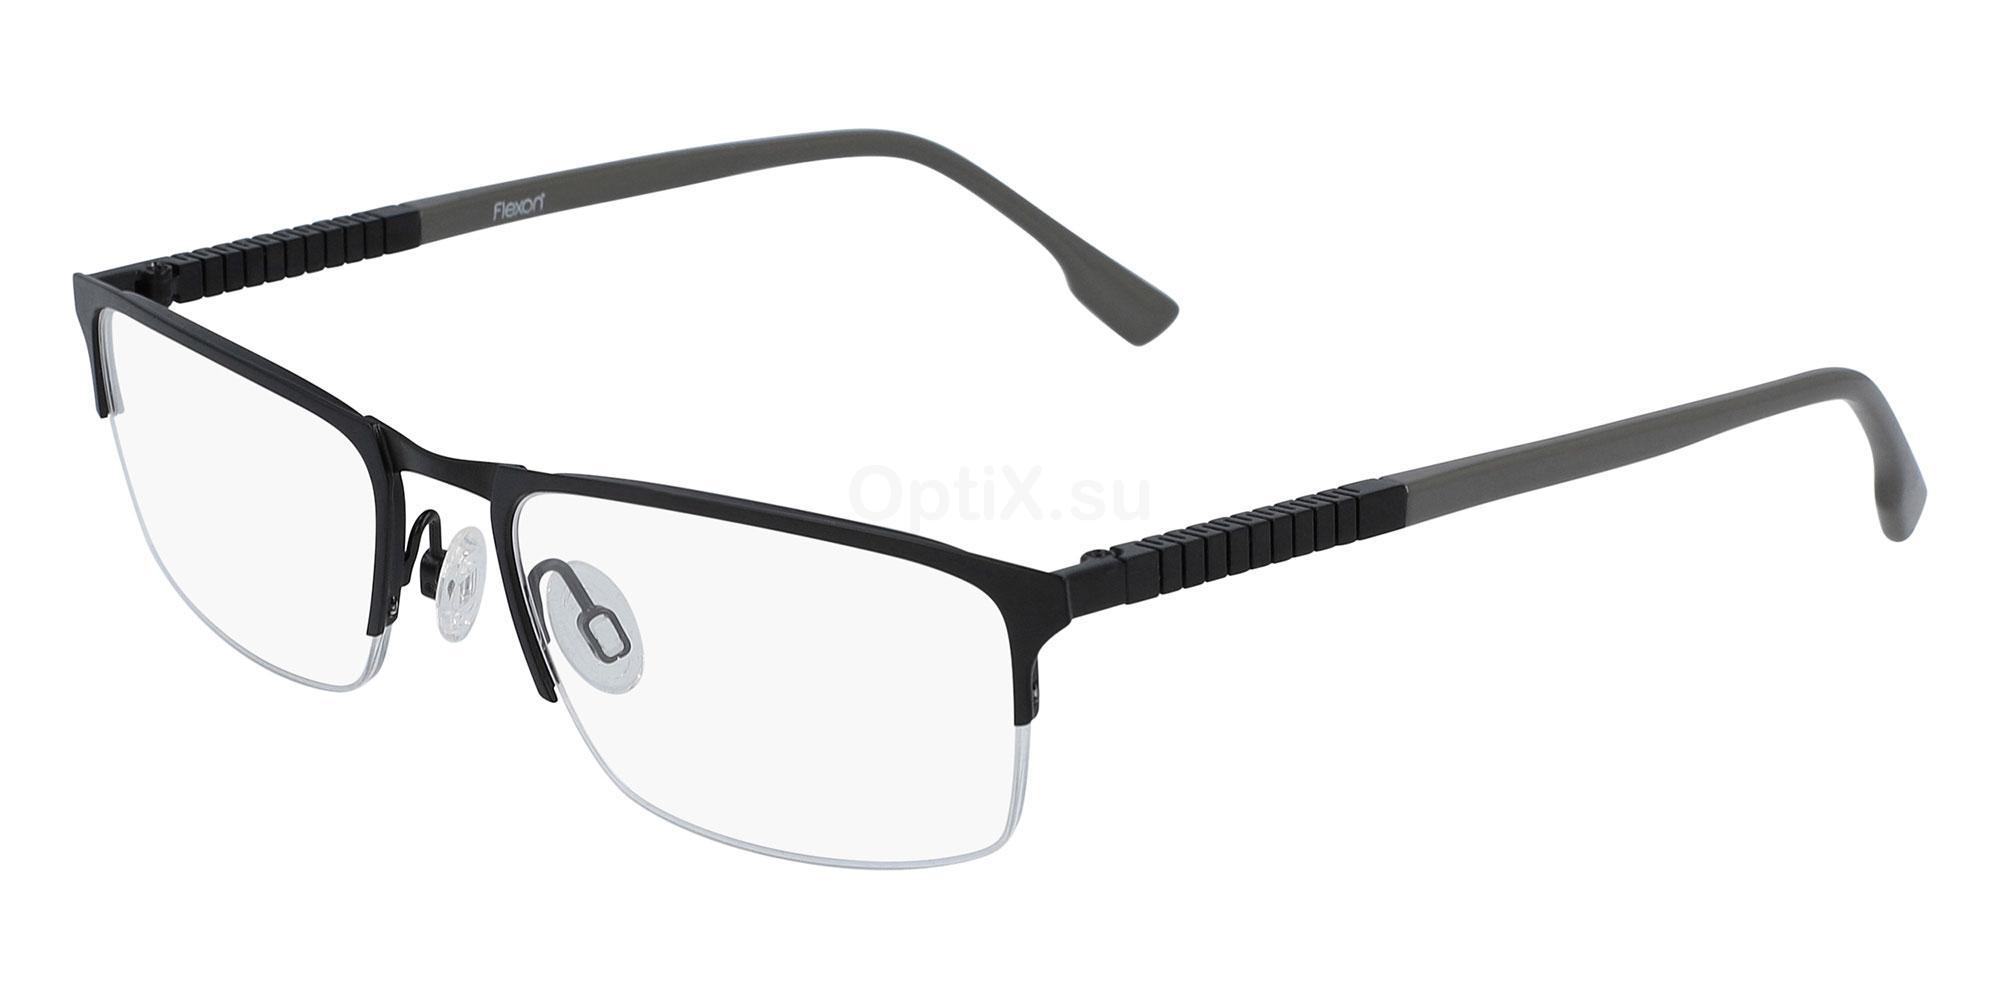 001 FLEXON E1016 Glasses, Flexon